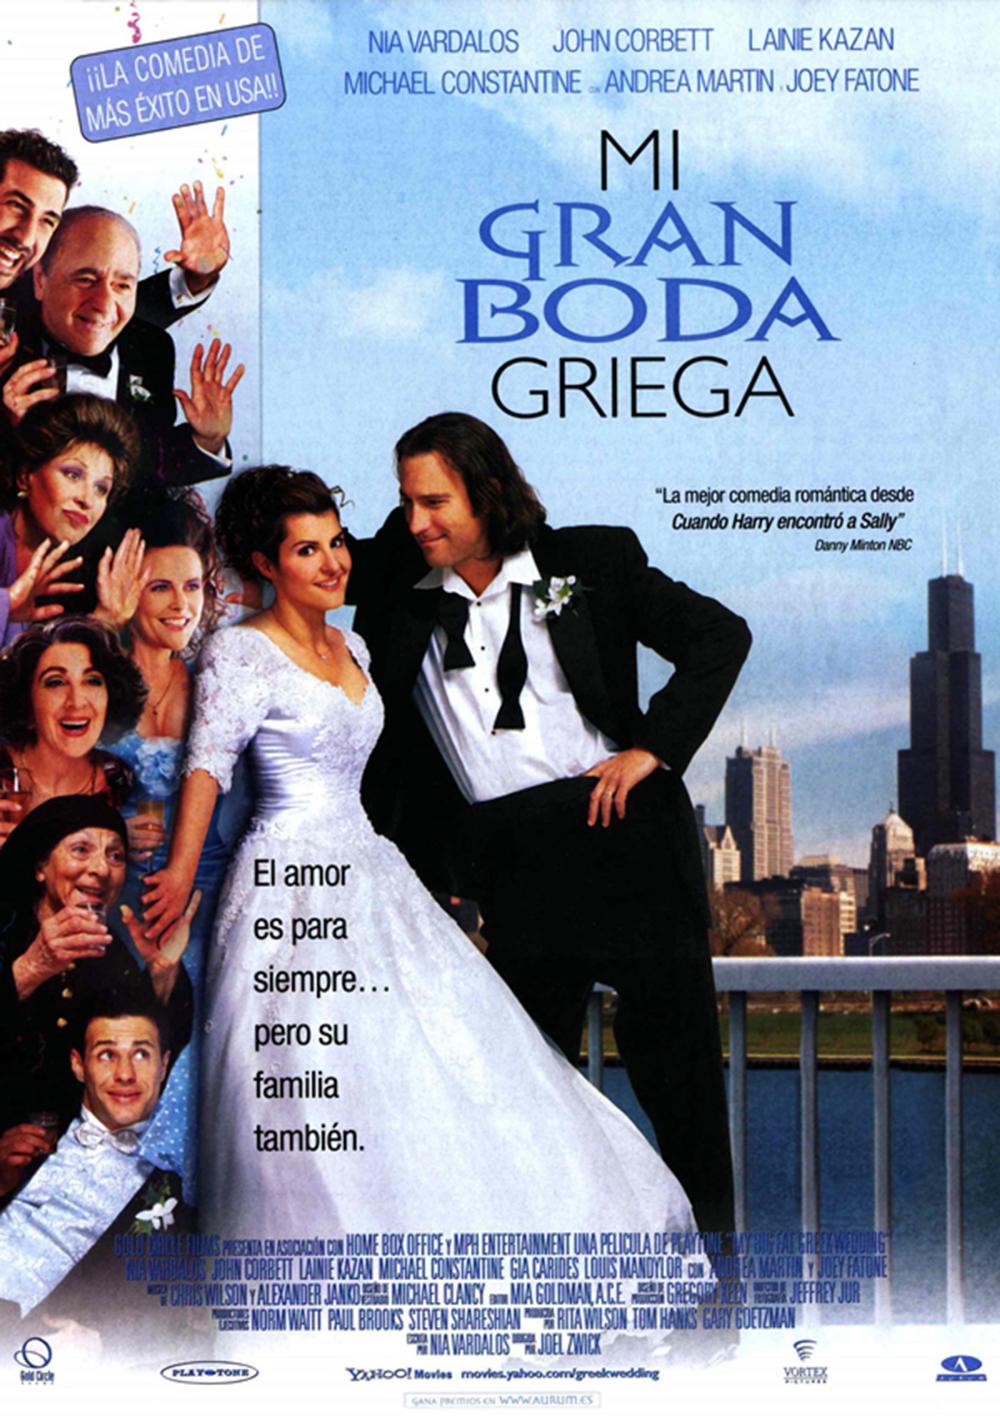 Mi Gran Matrimonio Griego Busqueda De Google Mi Gran Boda Griega Boda Griega Mi Gran Casamiento Griego